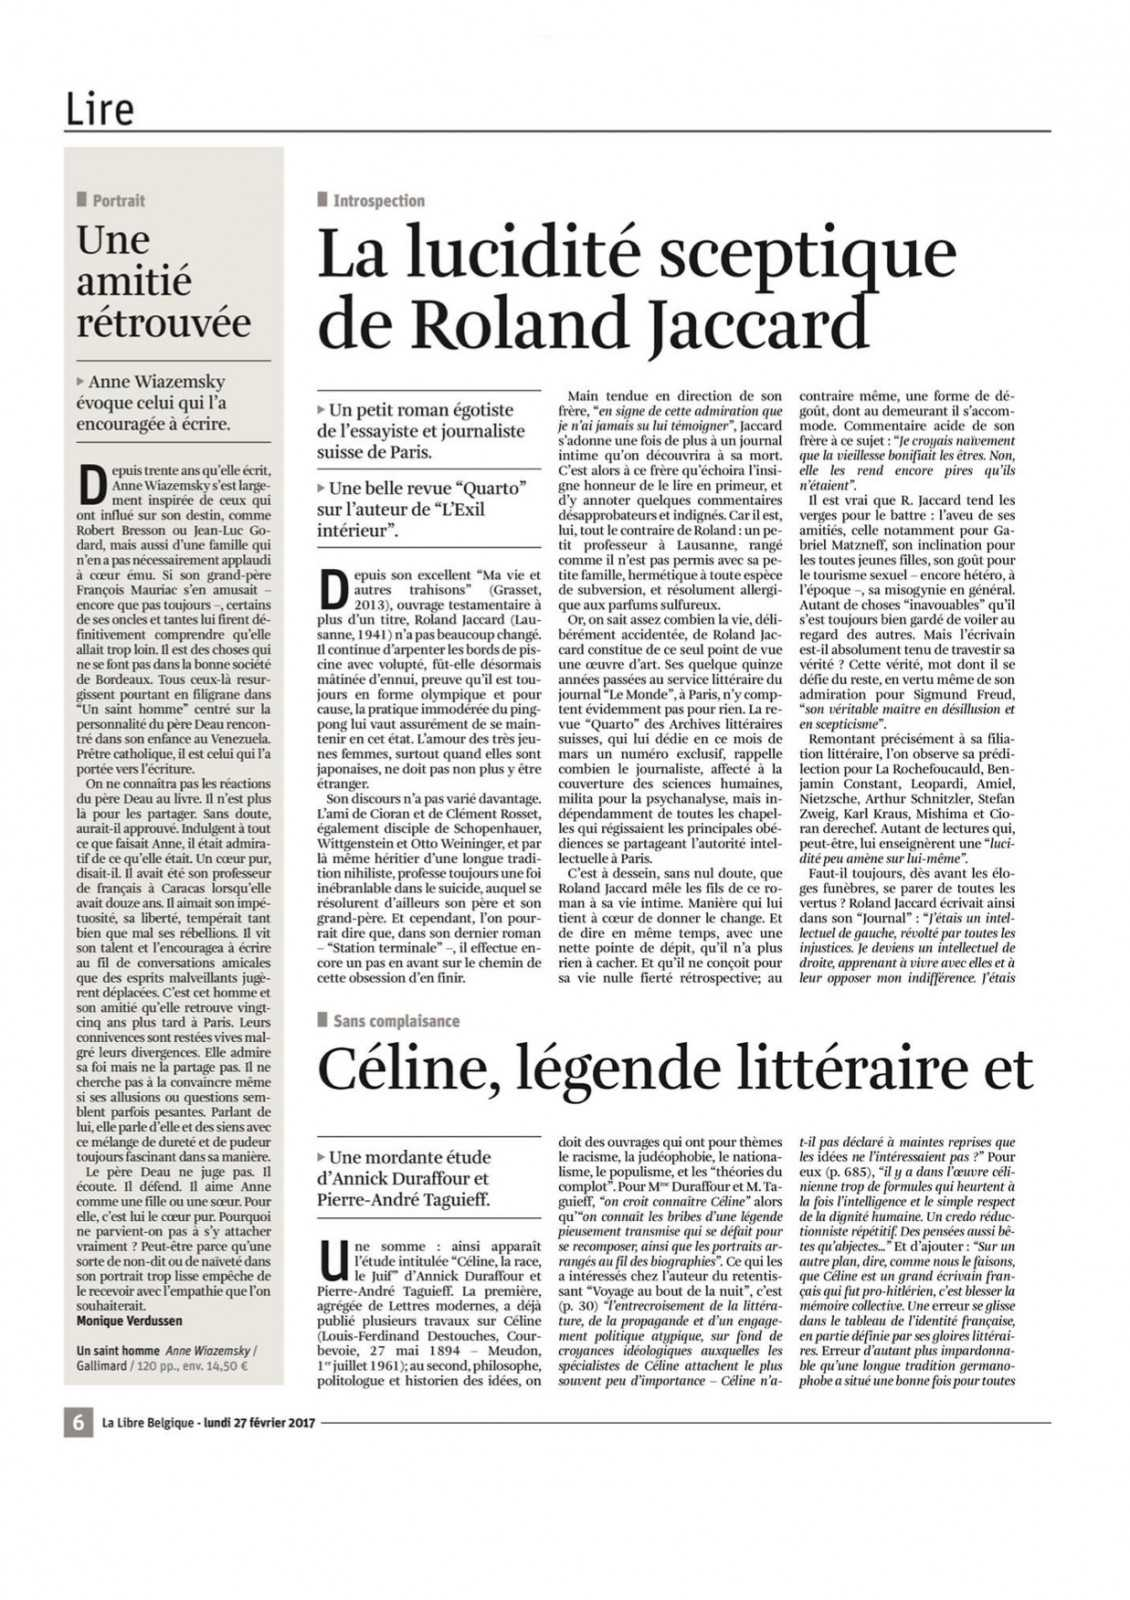 ST Libre Belgique 1